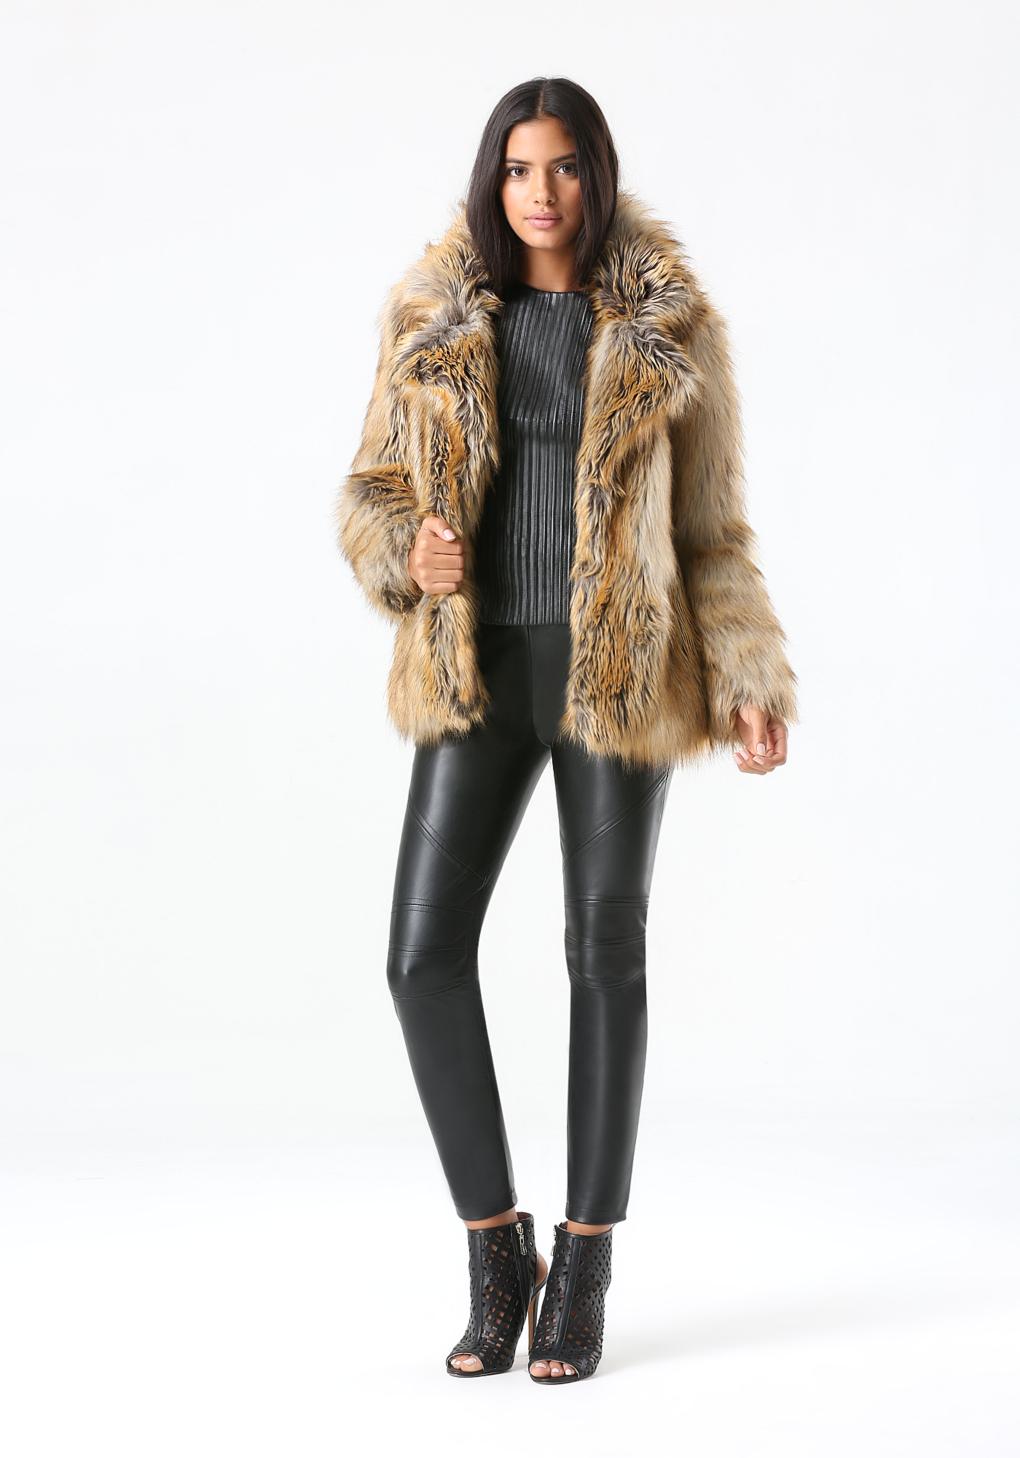 Bebe Glam Faux Fur Coat In Natural Lyst